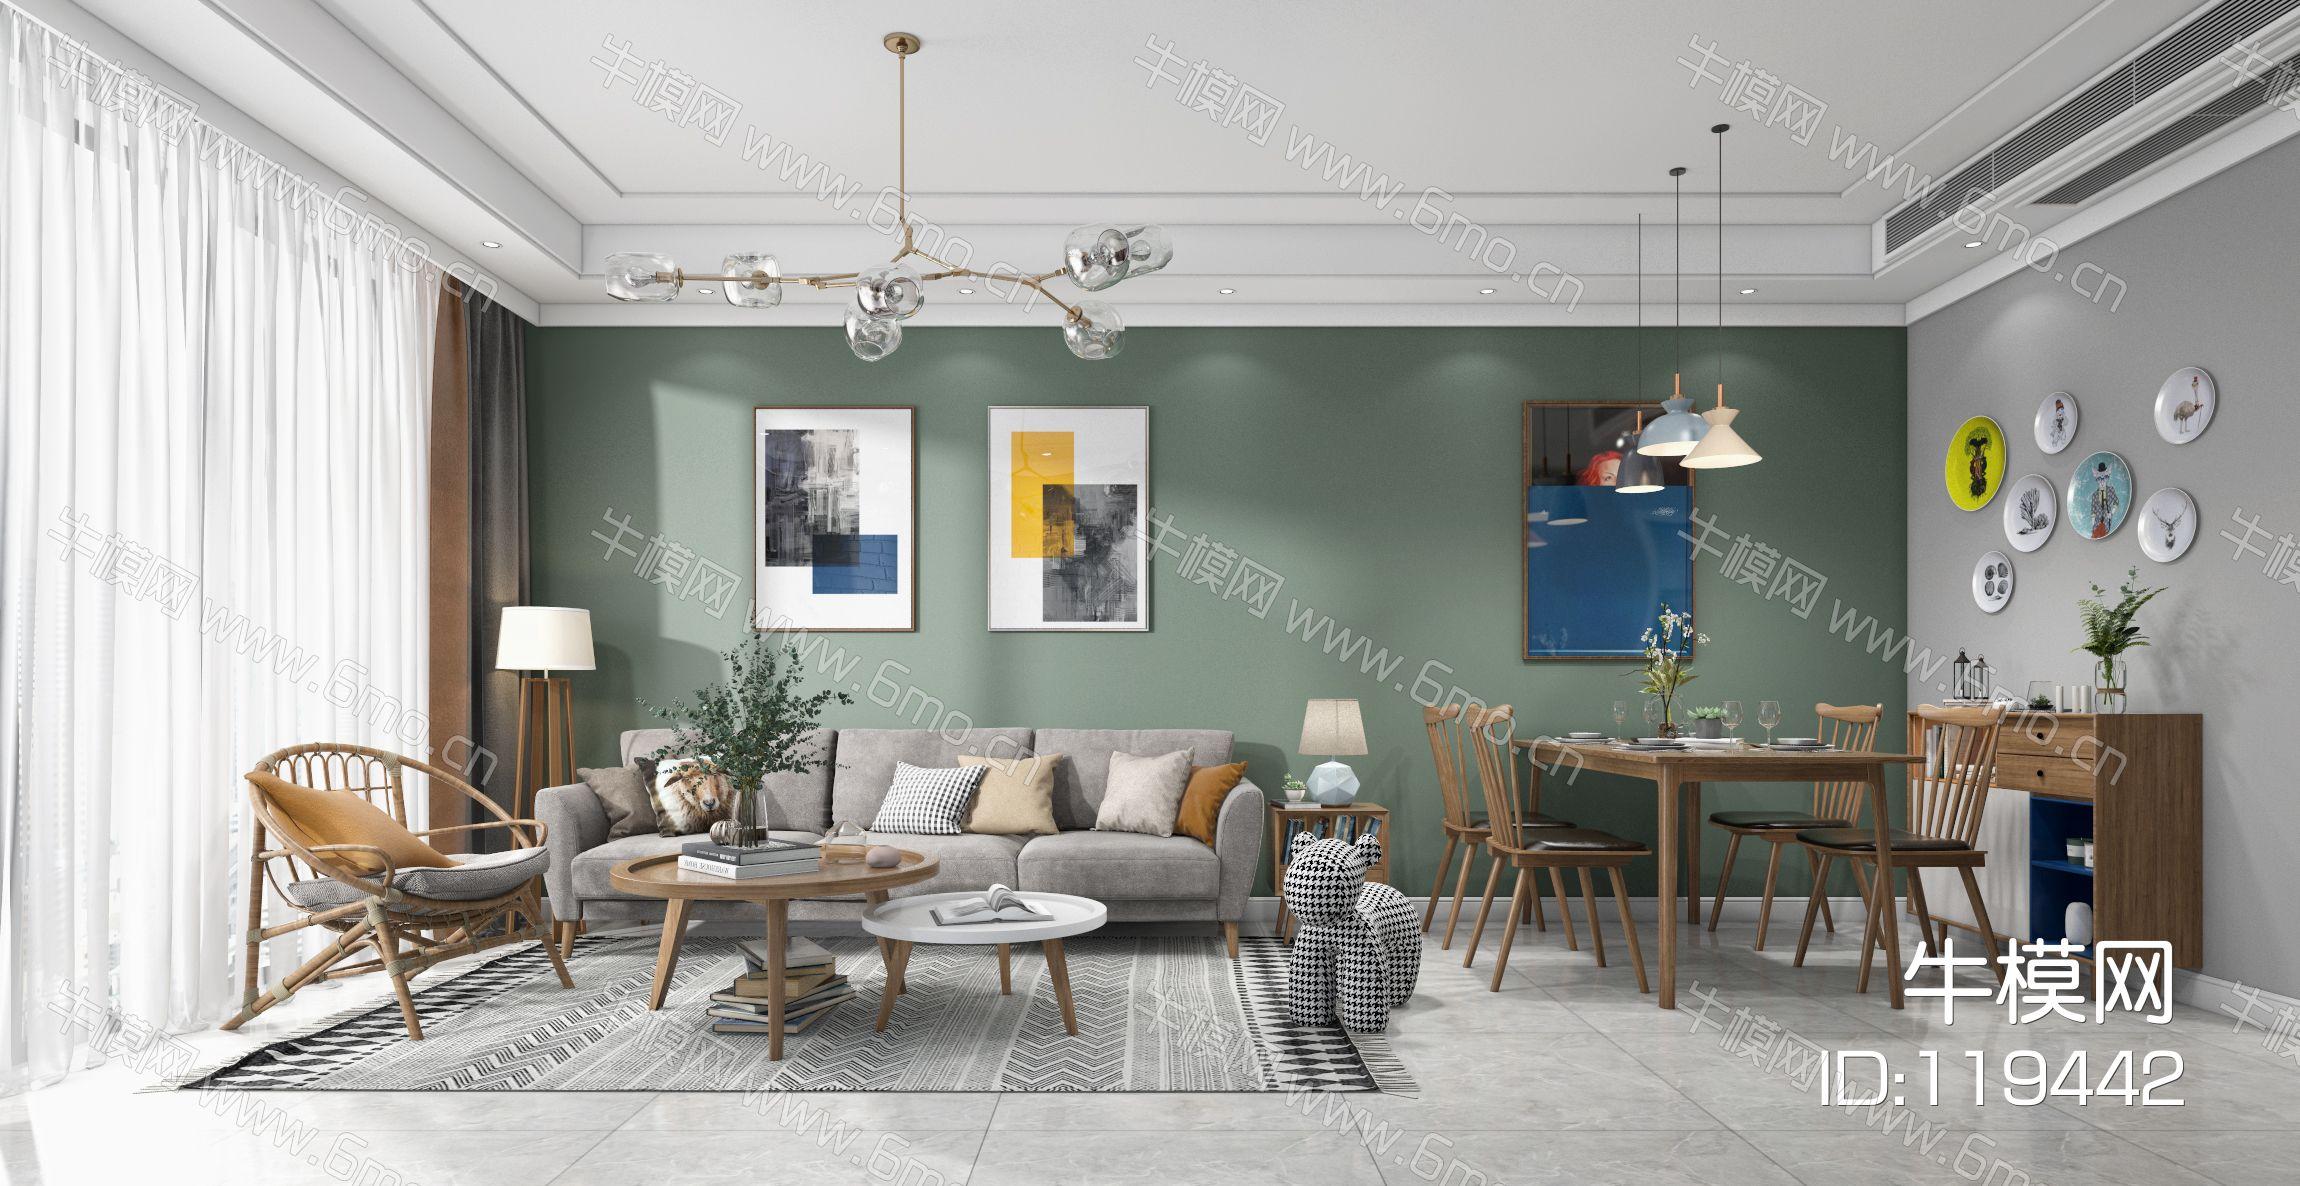 北欧客厅餐厅,沙发,餐桌,电视柜,吊灯,装饰画